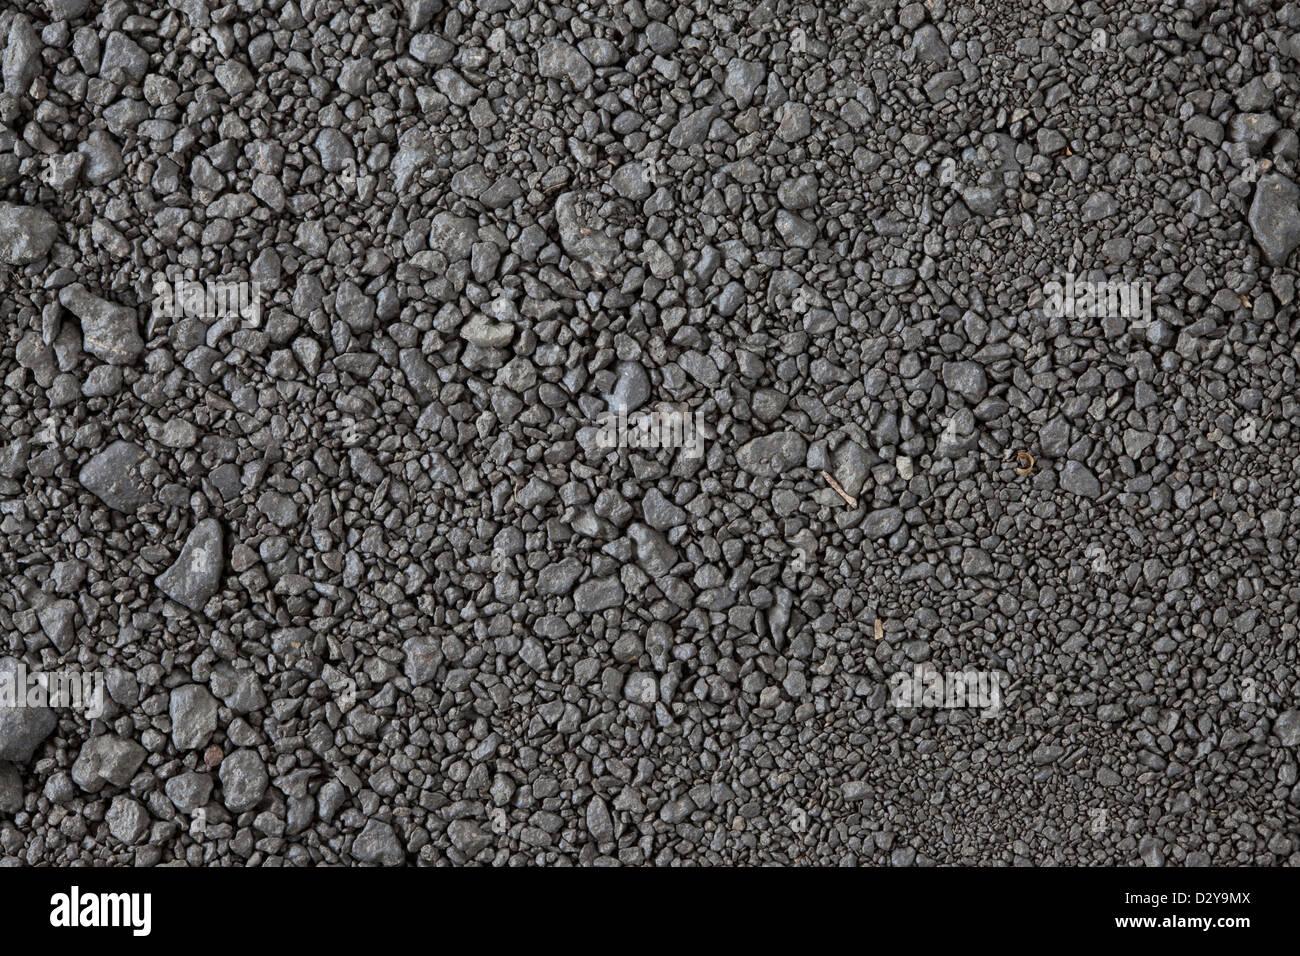 Clay Soil Sample (Clay 71, Silt 28, Sand 1) - Stock Image